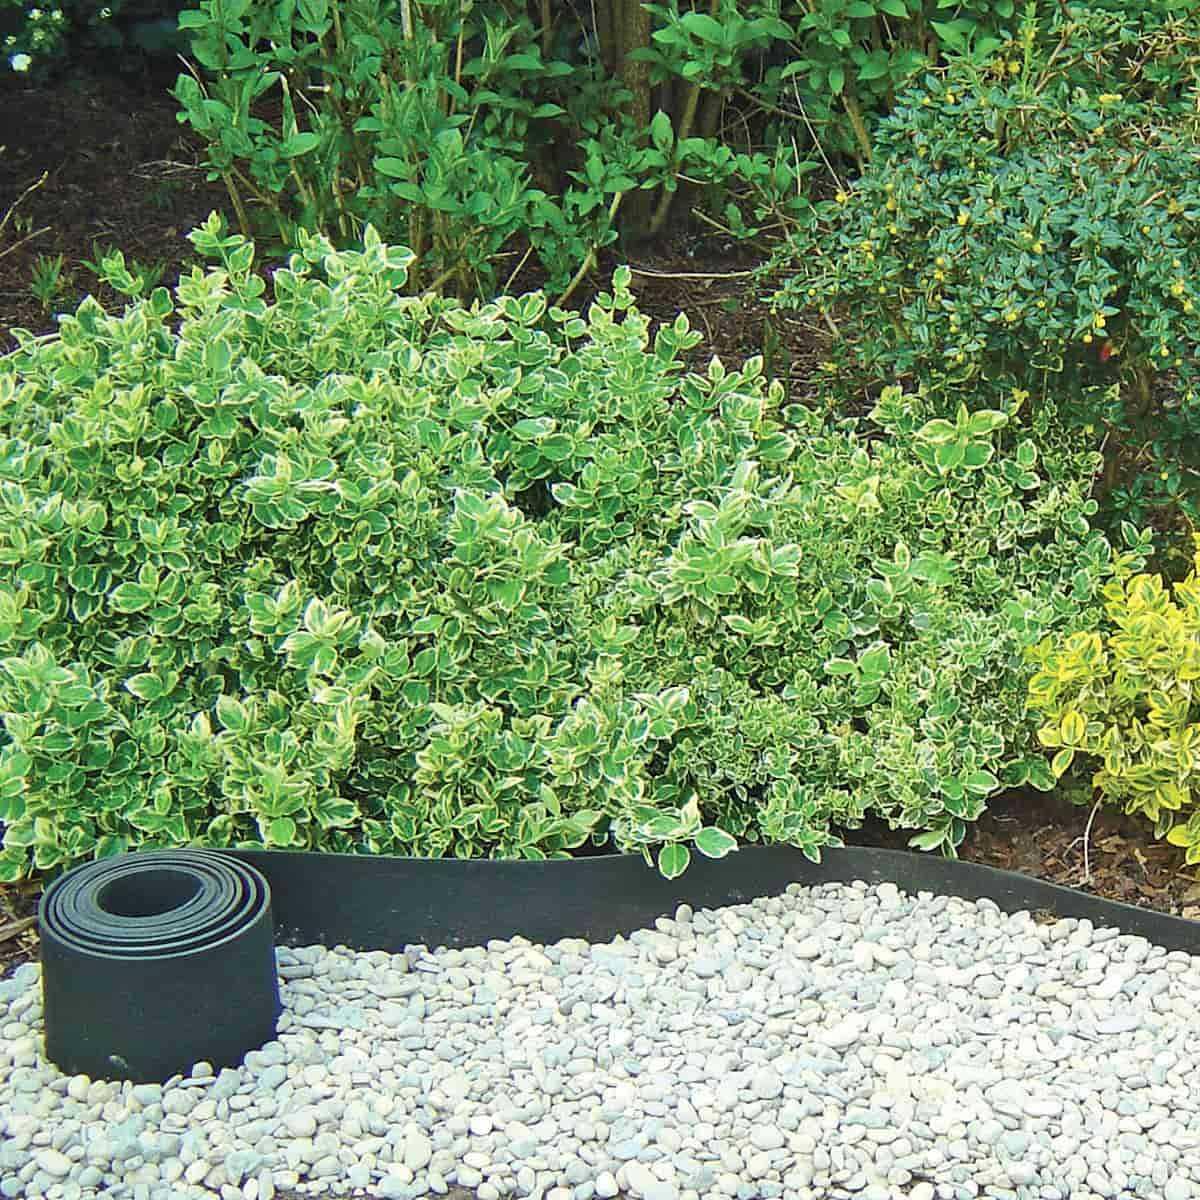 Bordure Caoutchouc Recyclé Gazon 5Mx13Cm concernant Bordure Jardin Pas Cher